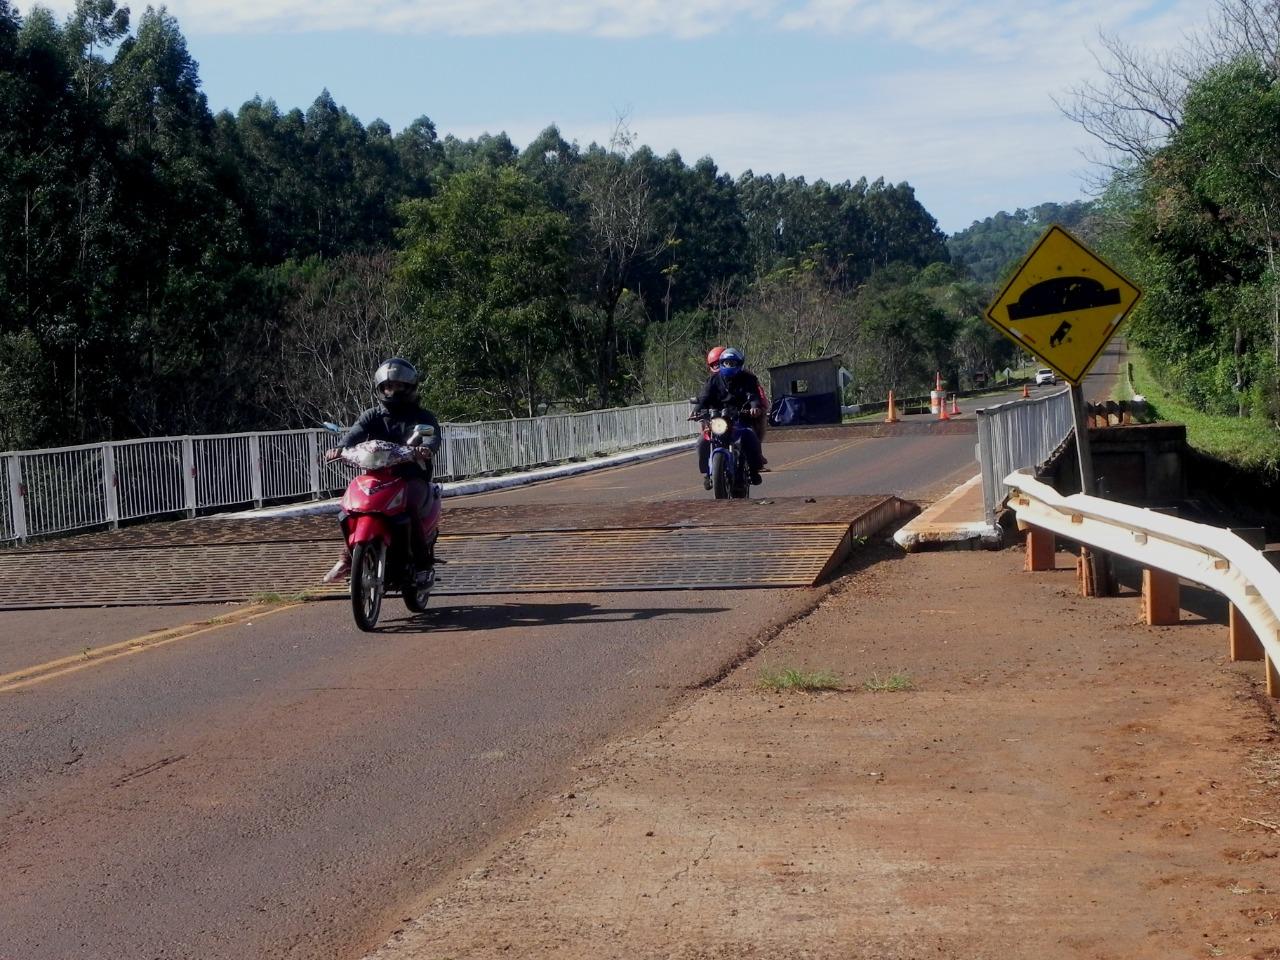 Se cortará el tránsito en la Ruta Provincial Nº 7 para construir un nuevo puente